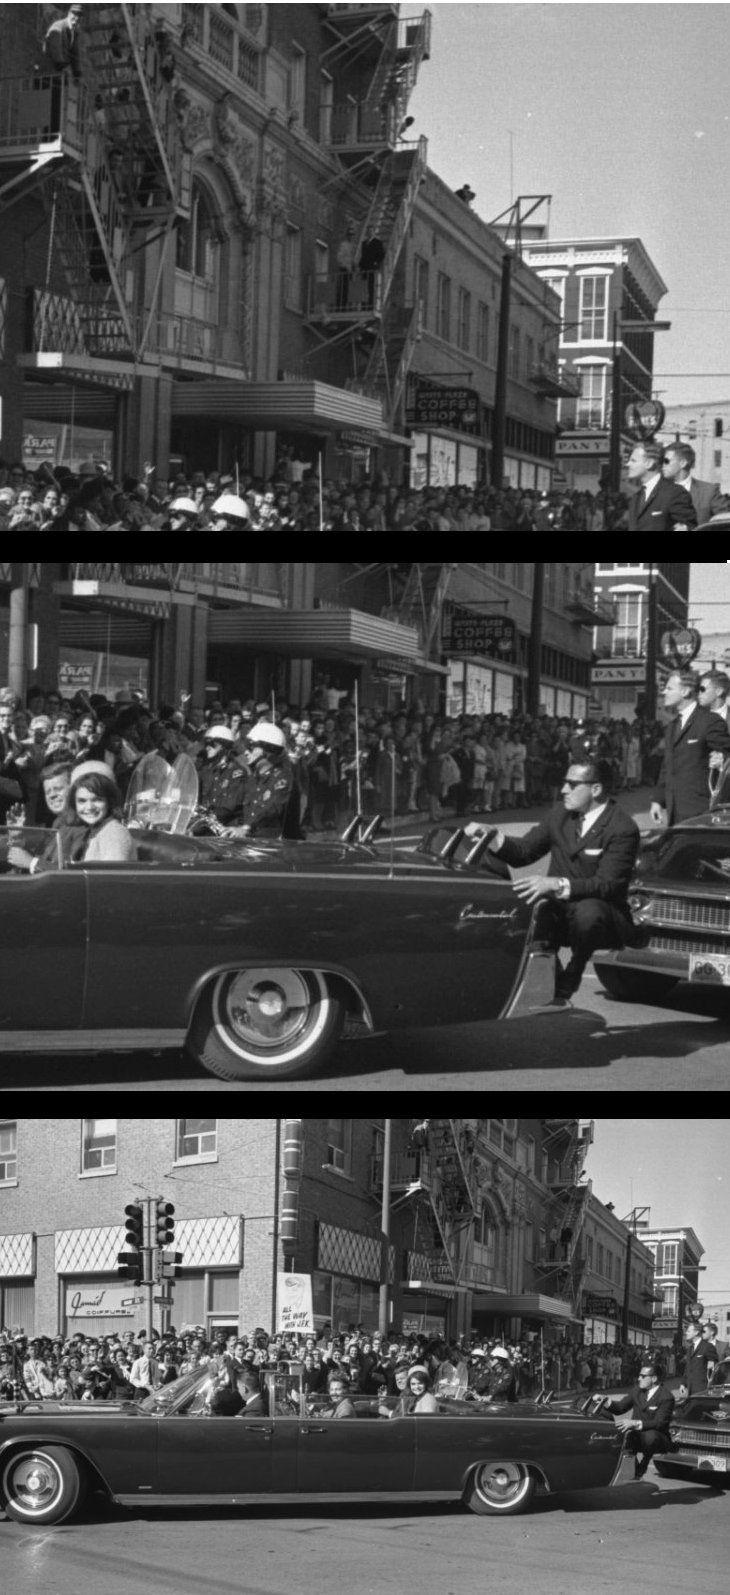 1963 11 22 dallas motorcade